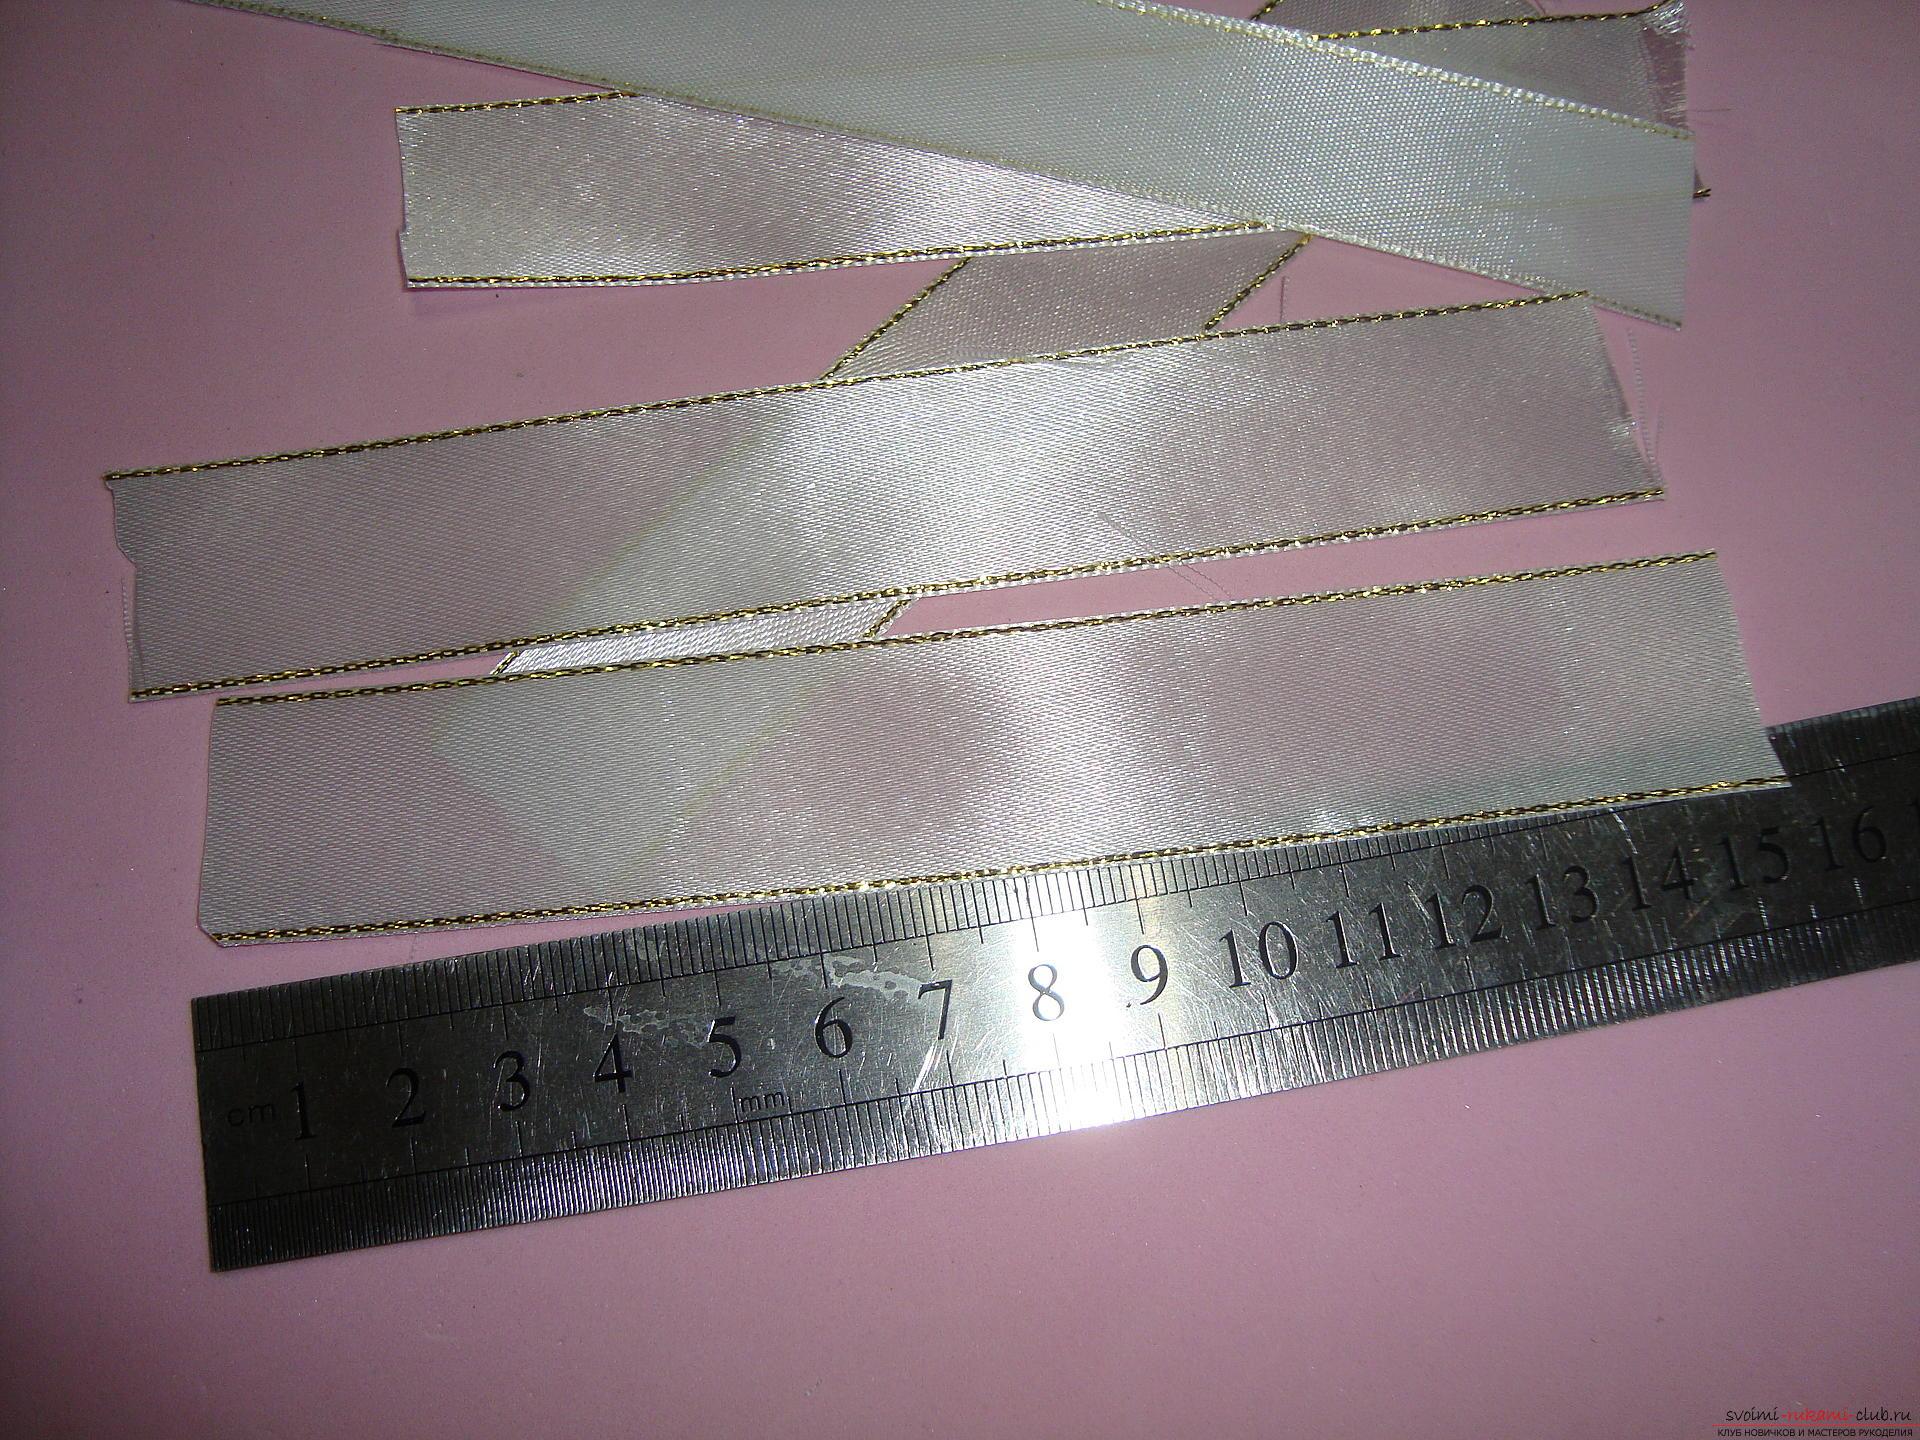 Фото-инструкция по изготовлению праздничных бантов для девочек. Фото №4